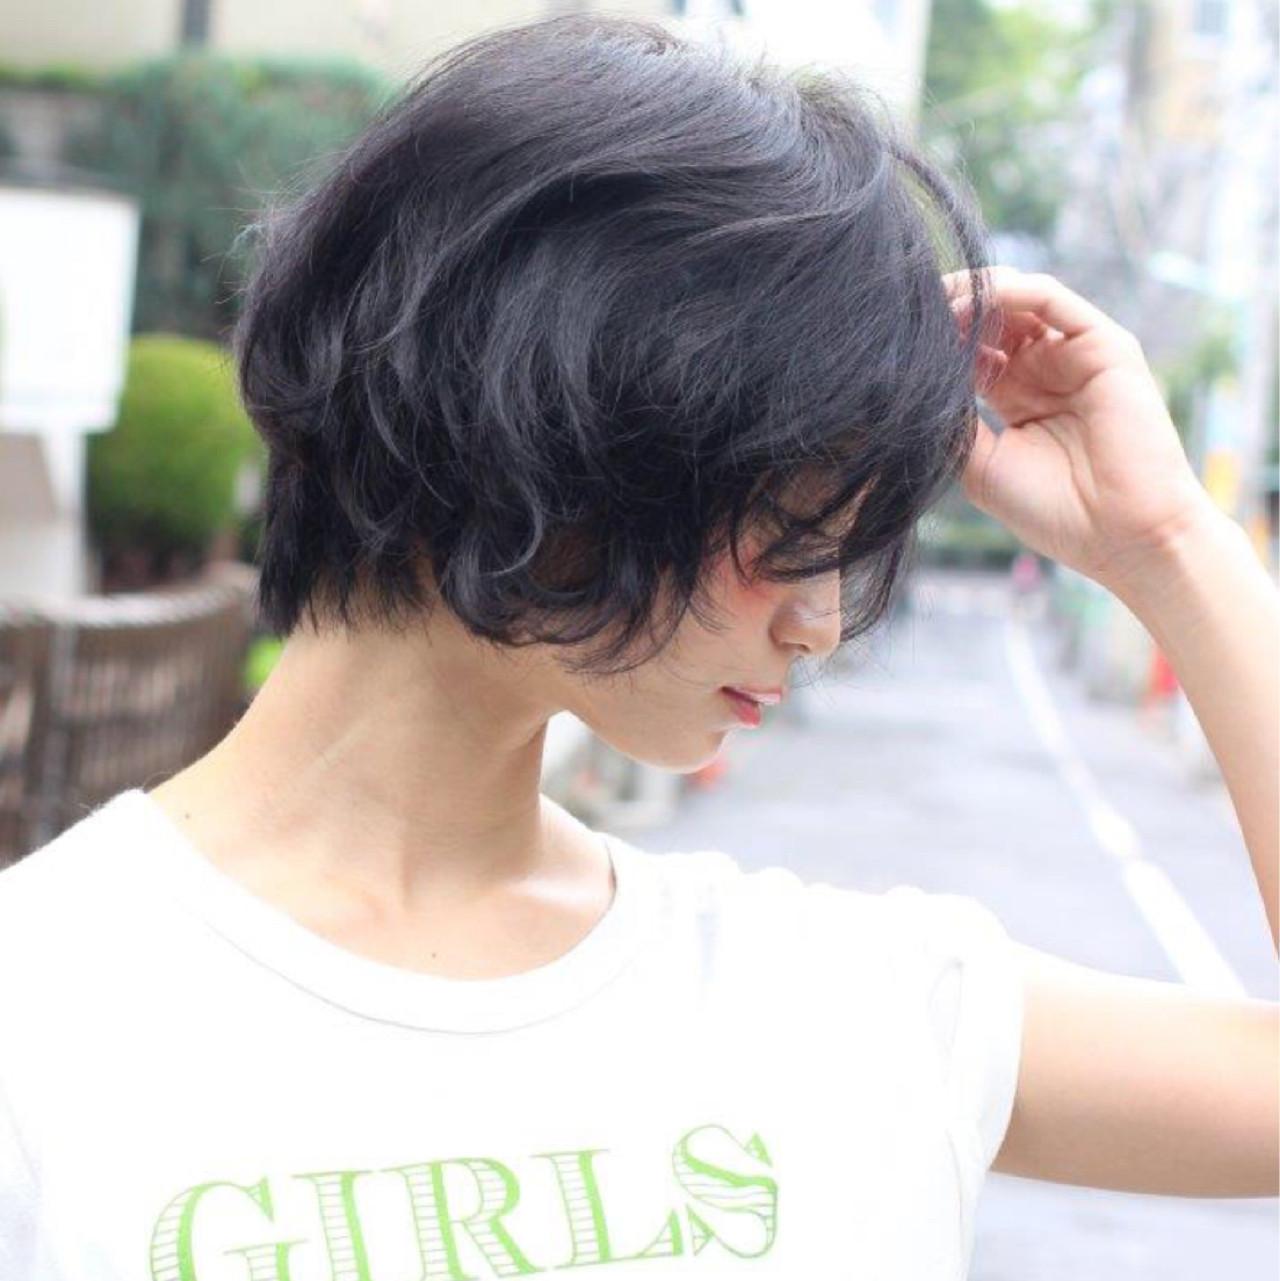 黒髪 ボブ ニュアンス ショート ヘアスタイルや髪型の写真・画像